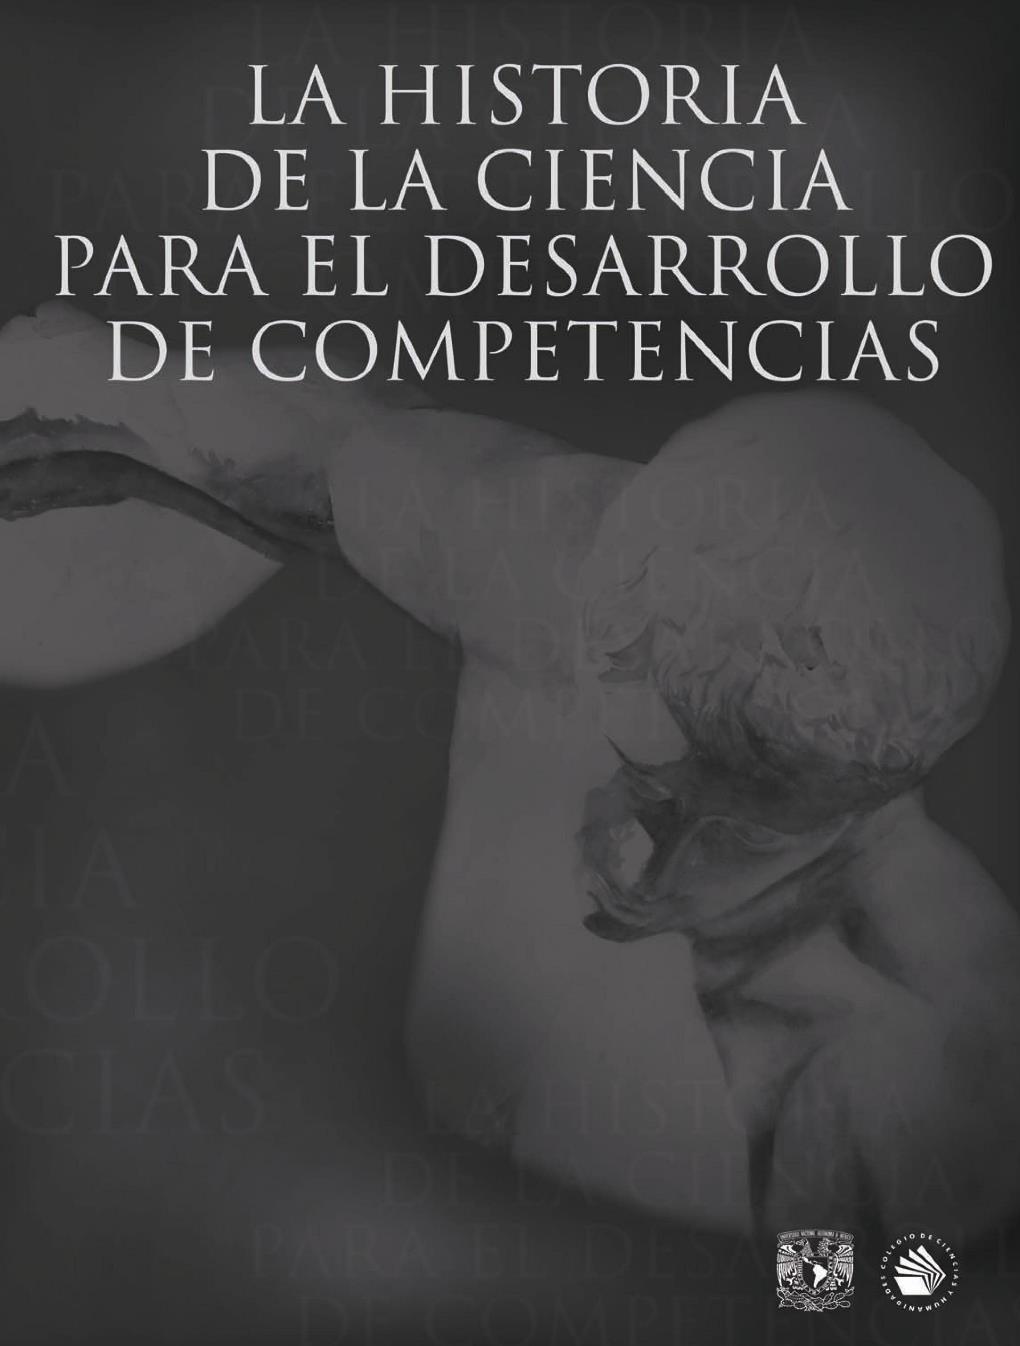 La historia de la ciencia para el desarrollo de competencias